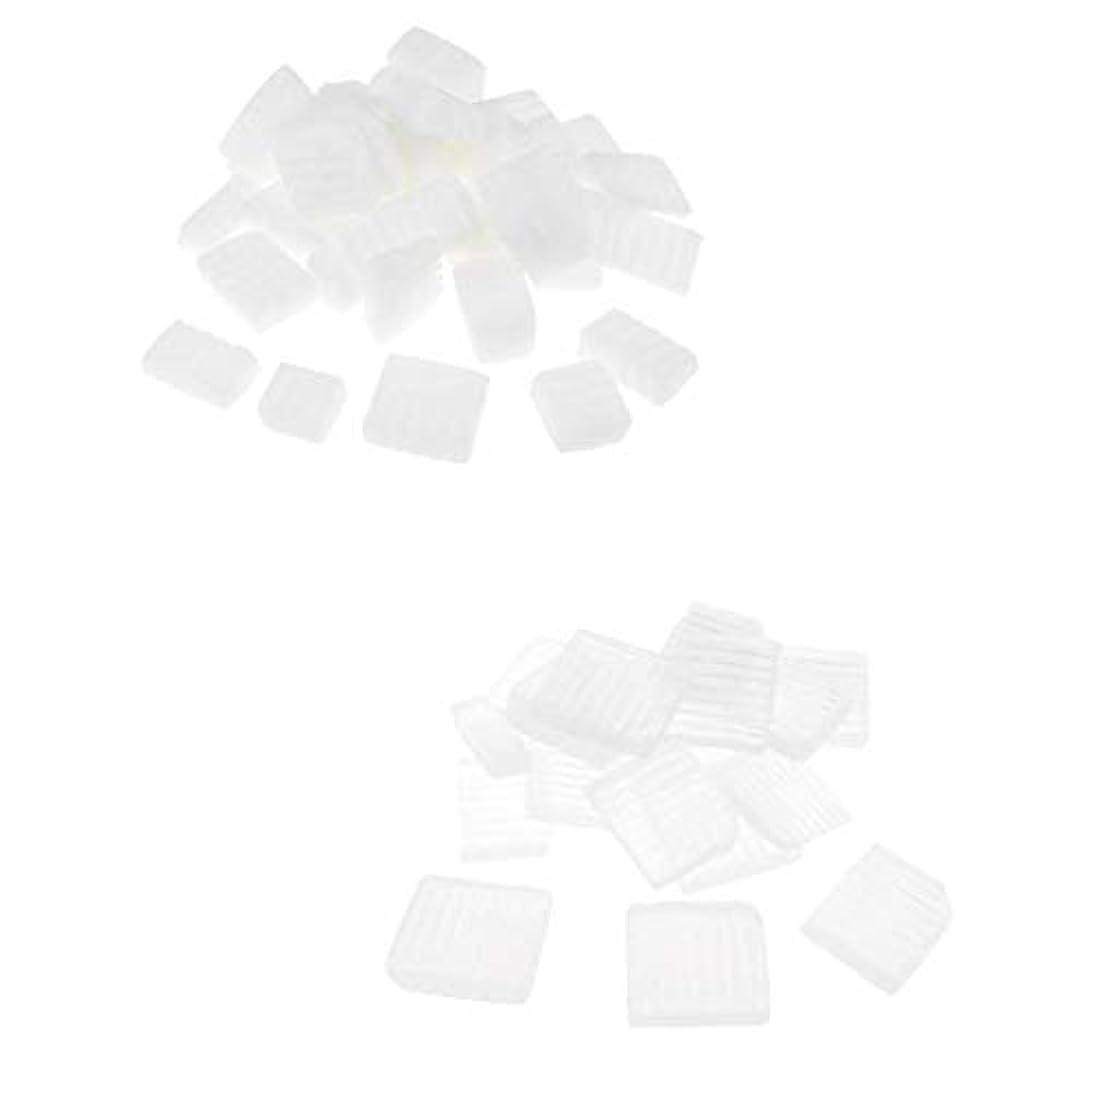 虫を数えるスラックギャラリーFLAMEER 固形せっけん 石鹸ベース 2KG ホワイトクリア DIY製造 工芸品 ハンドメイド 石鹸原料 耐久性